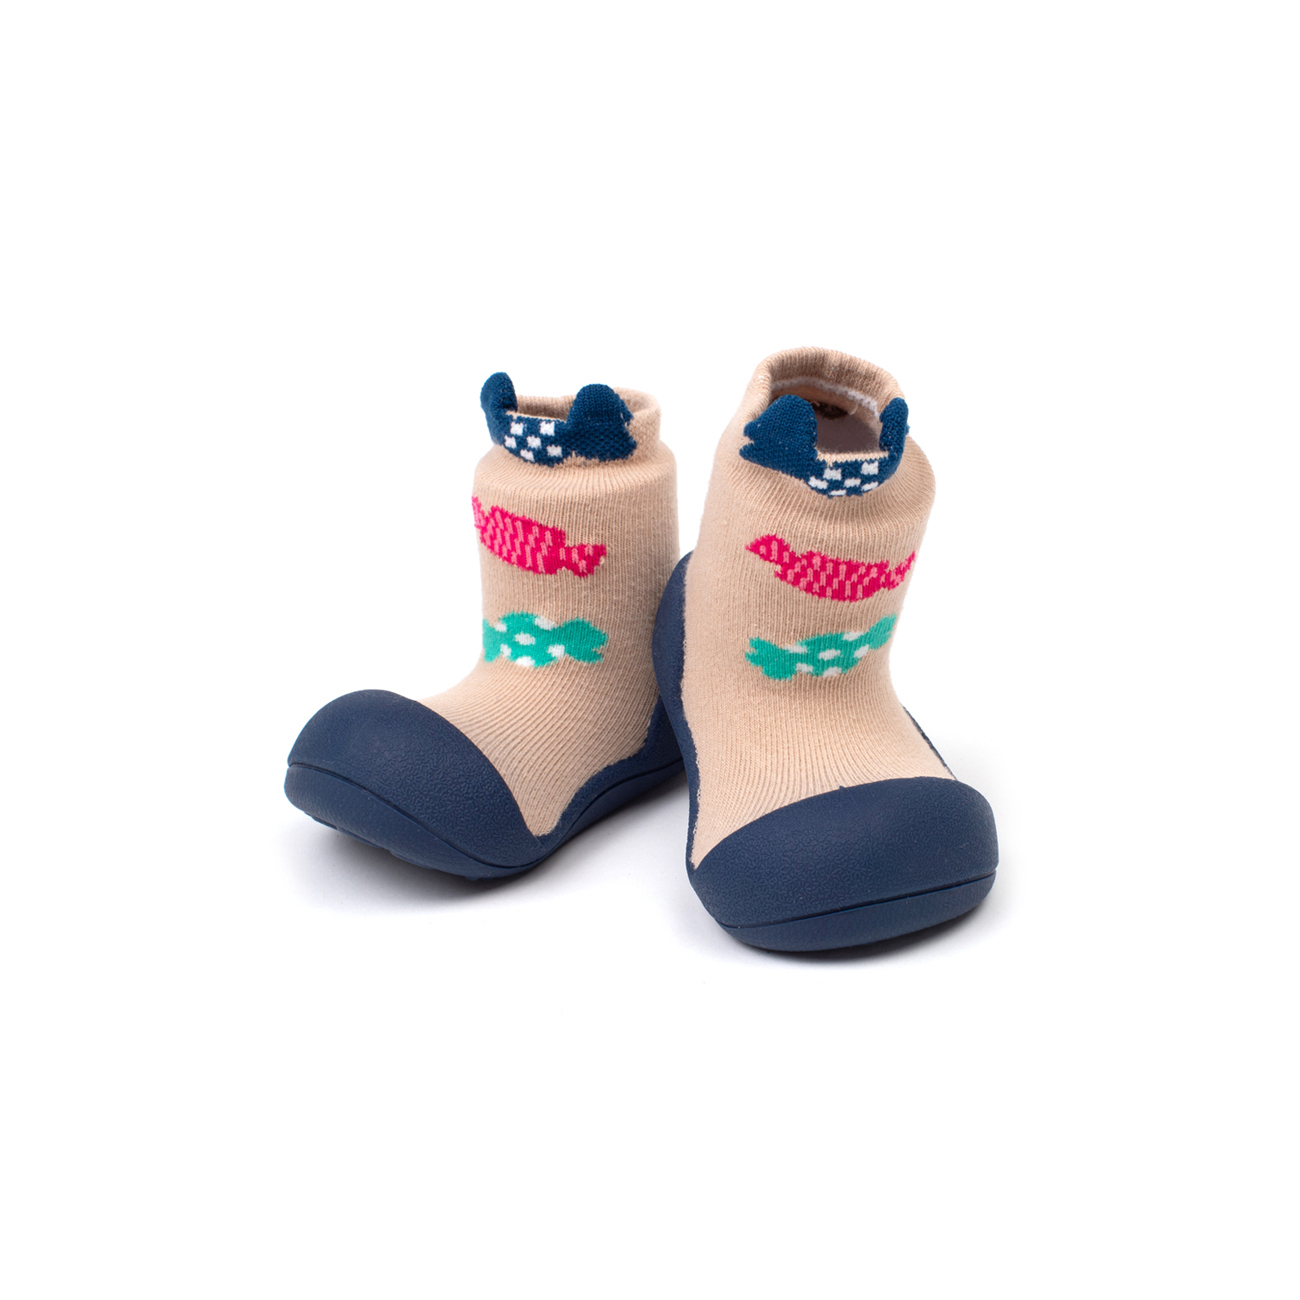 Детская обувь, ботинки марки Attipas Конфеты